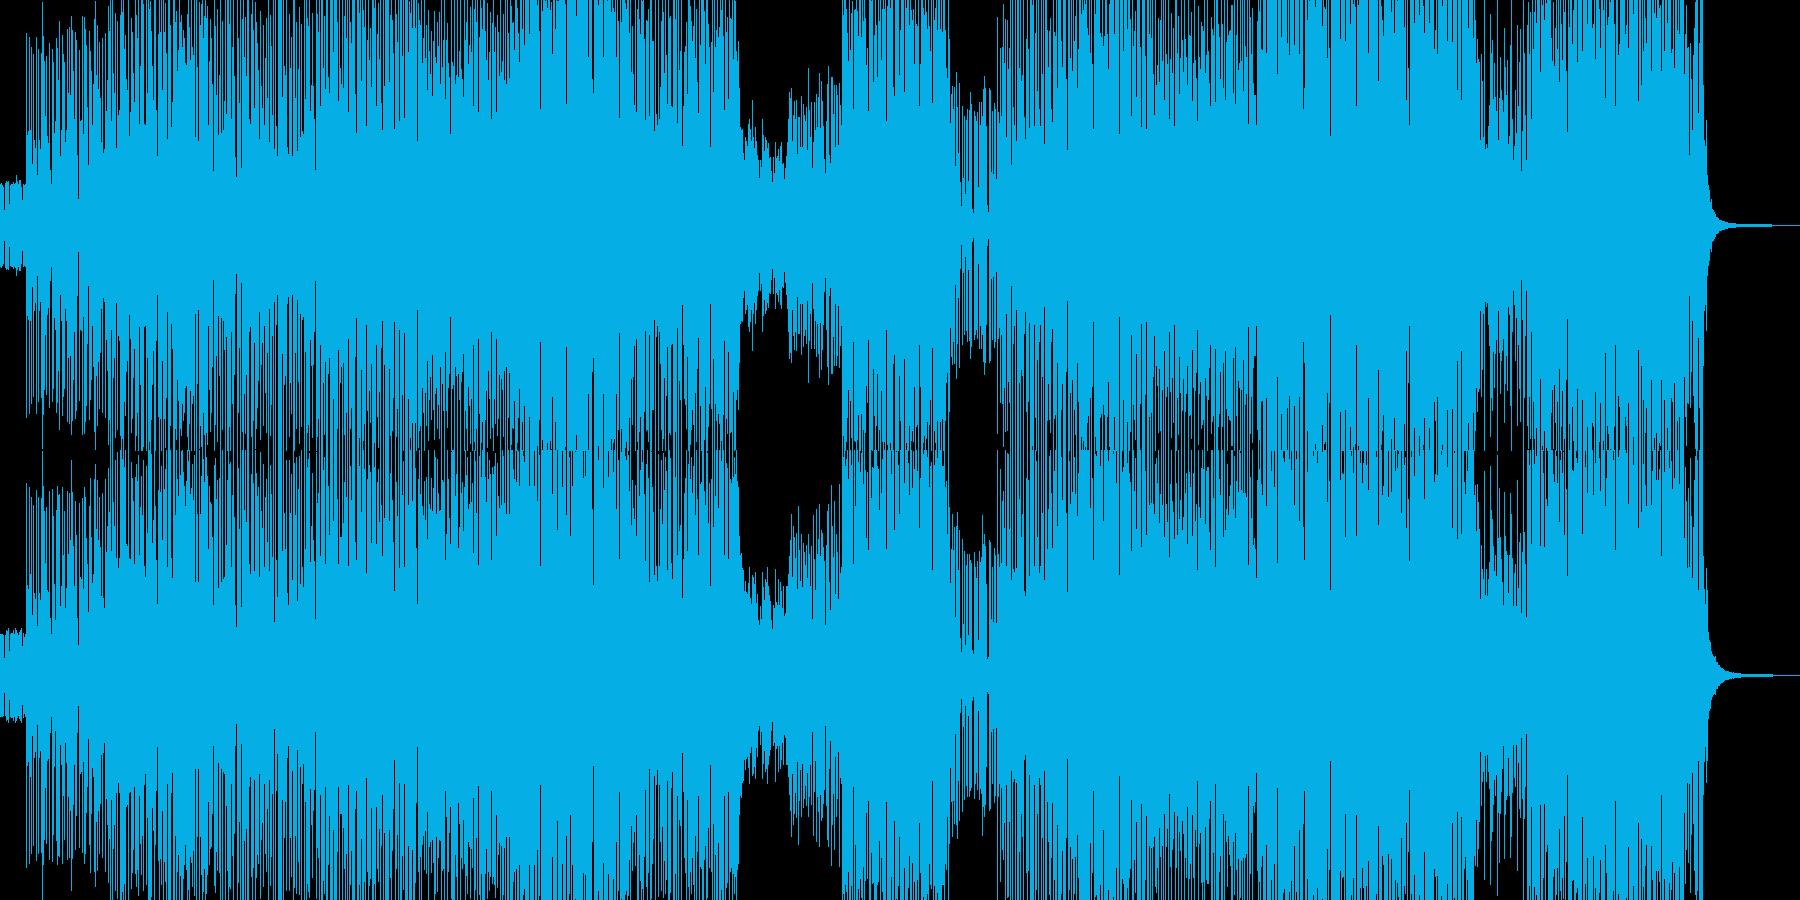 ユメカワなデジピコポップスの再生済みの波形